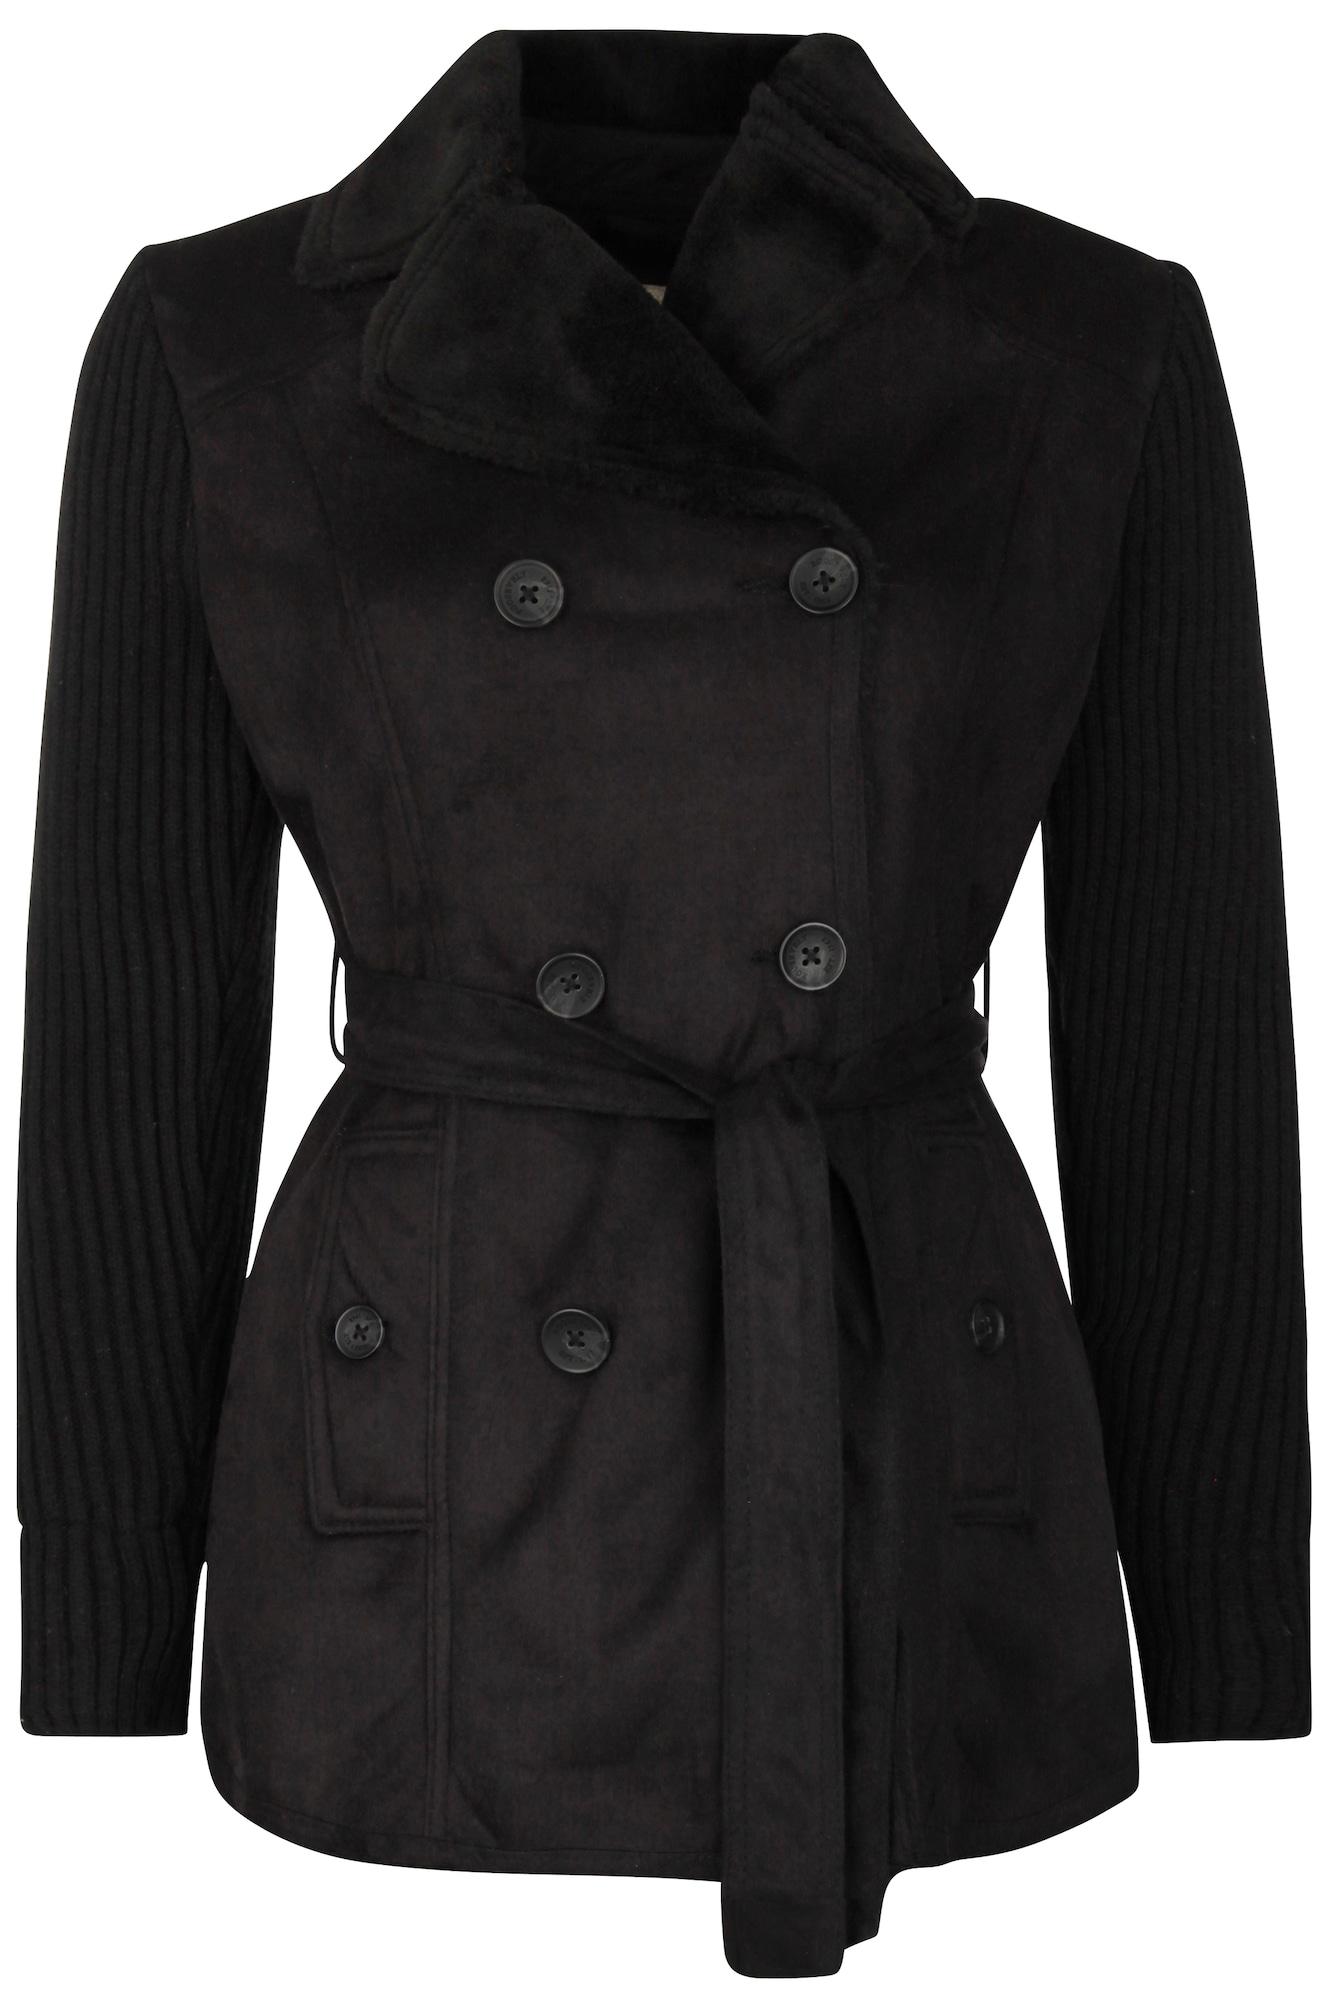 Bekleidung » Damen Mäntel online kaufen | Damenmode